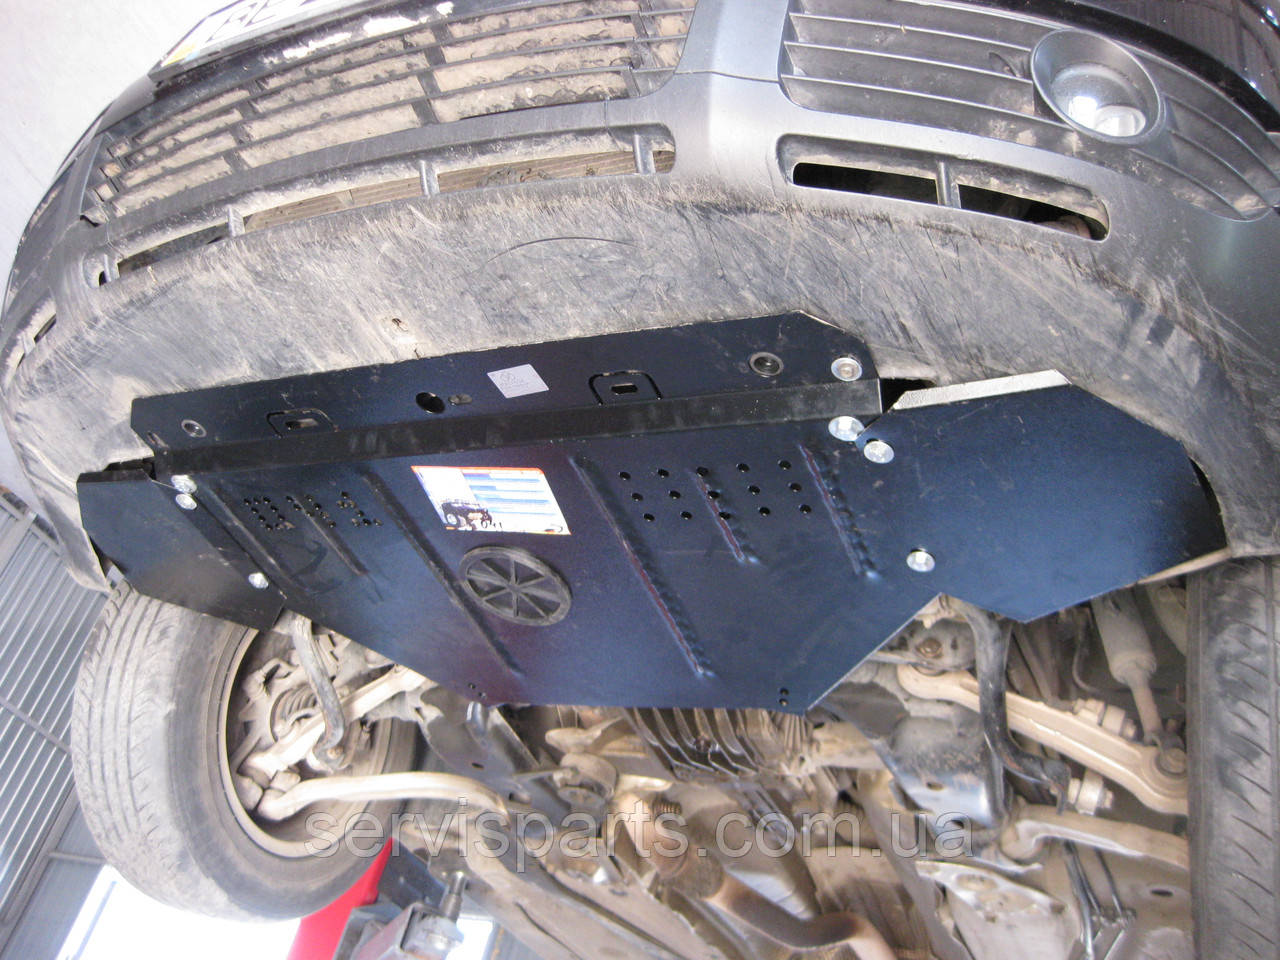 Защита двигателя Volkswagen Passat B5 1996-2005 (Фольксваген Пассат Б5)